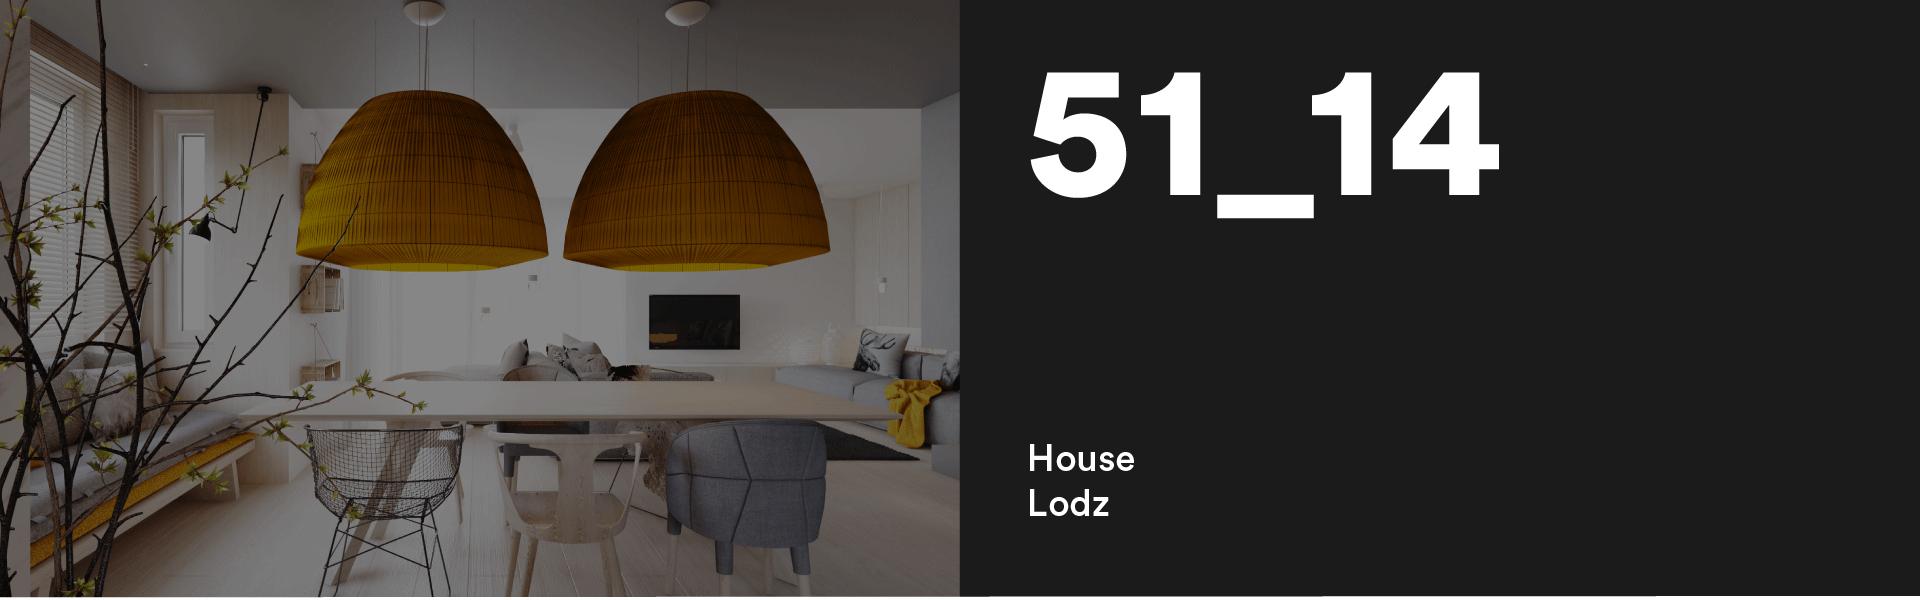 51_14 House Lodz